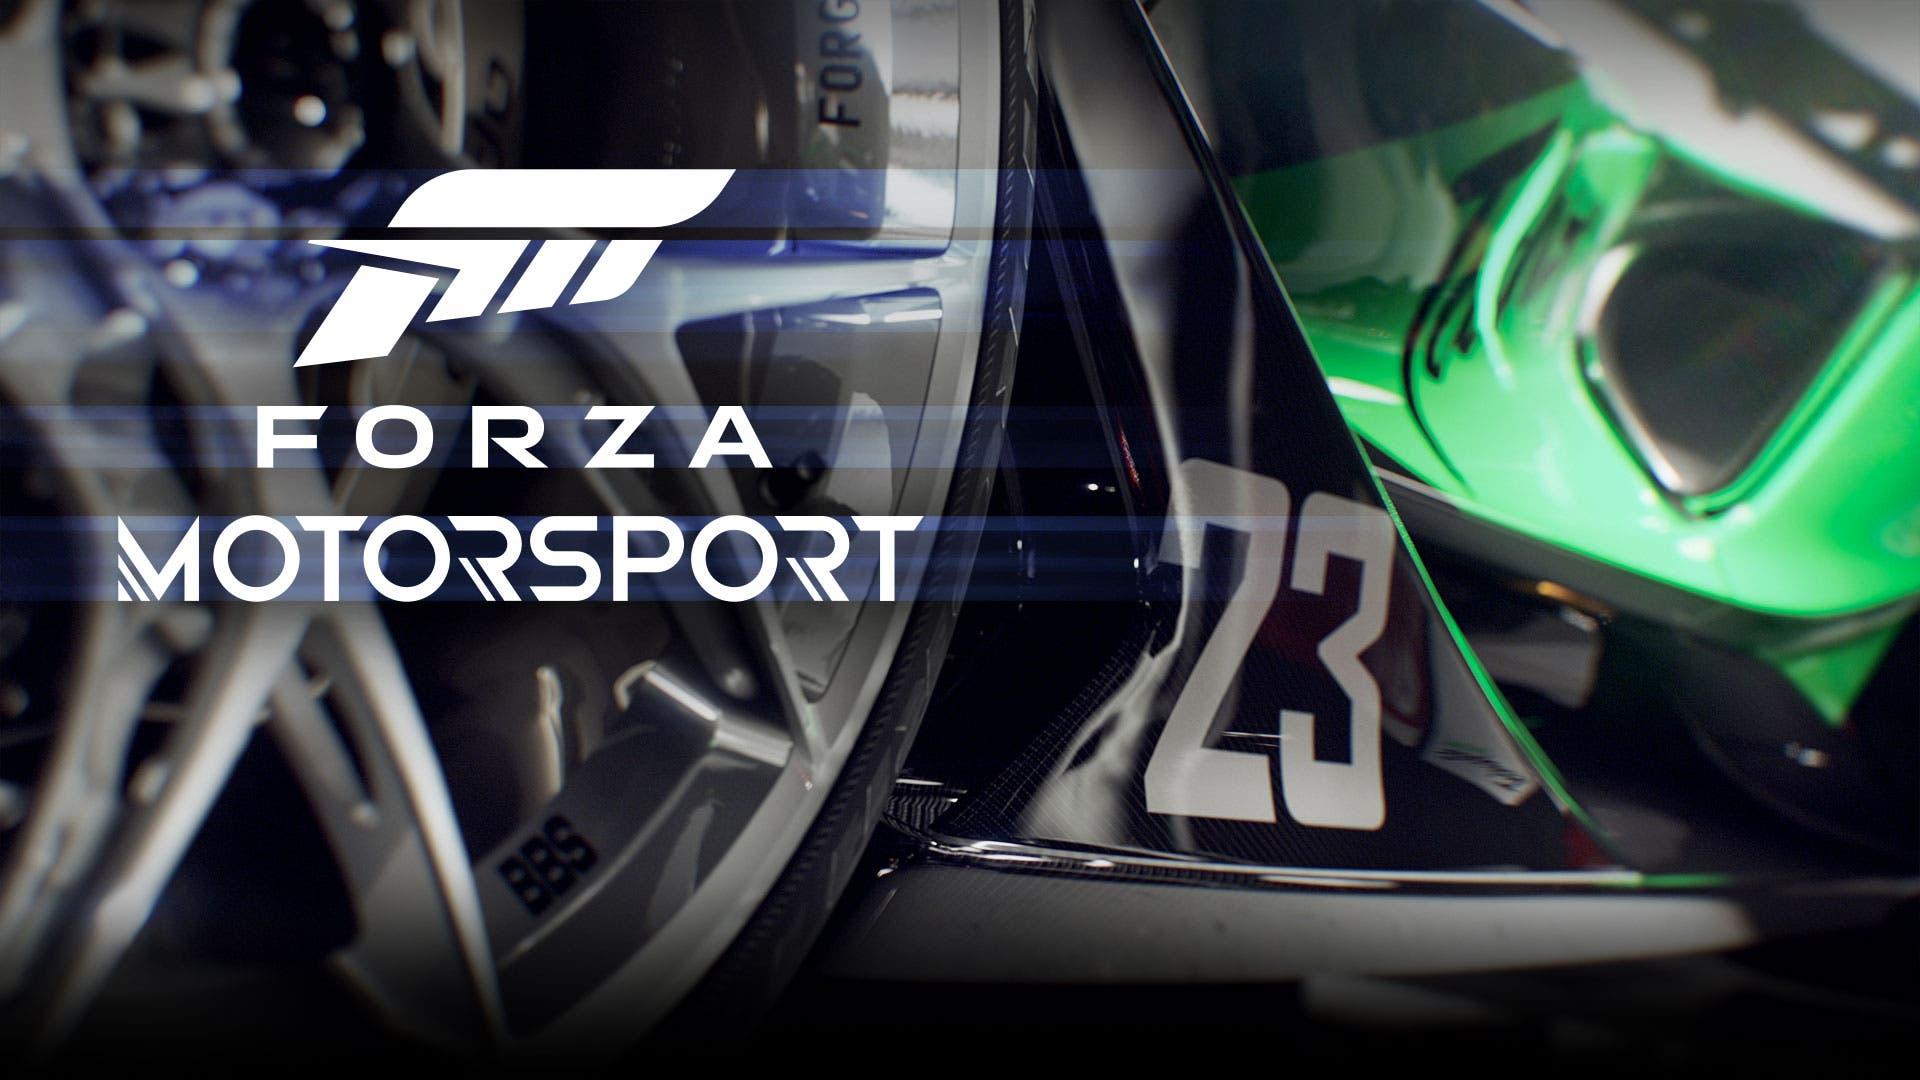 ¿Veremos Forza Motorsport y Forza Horizon 5 en el E3 2021? 1